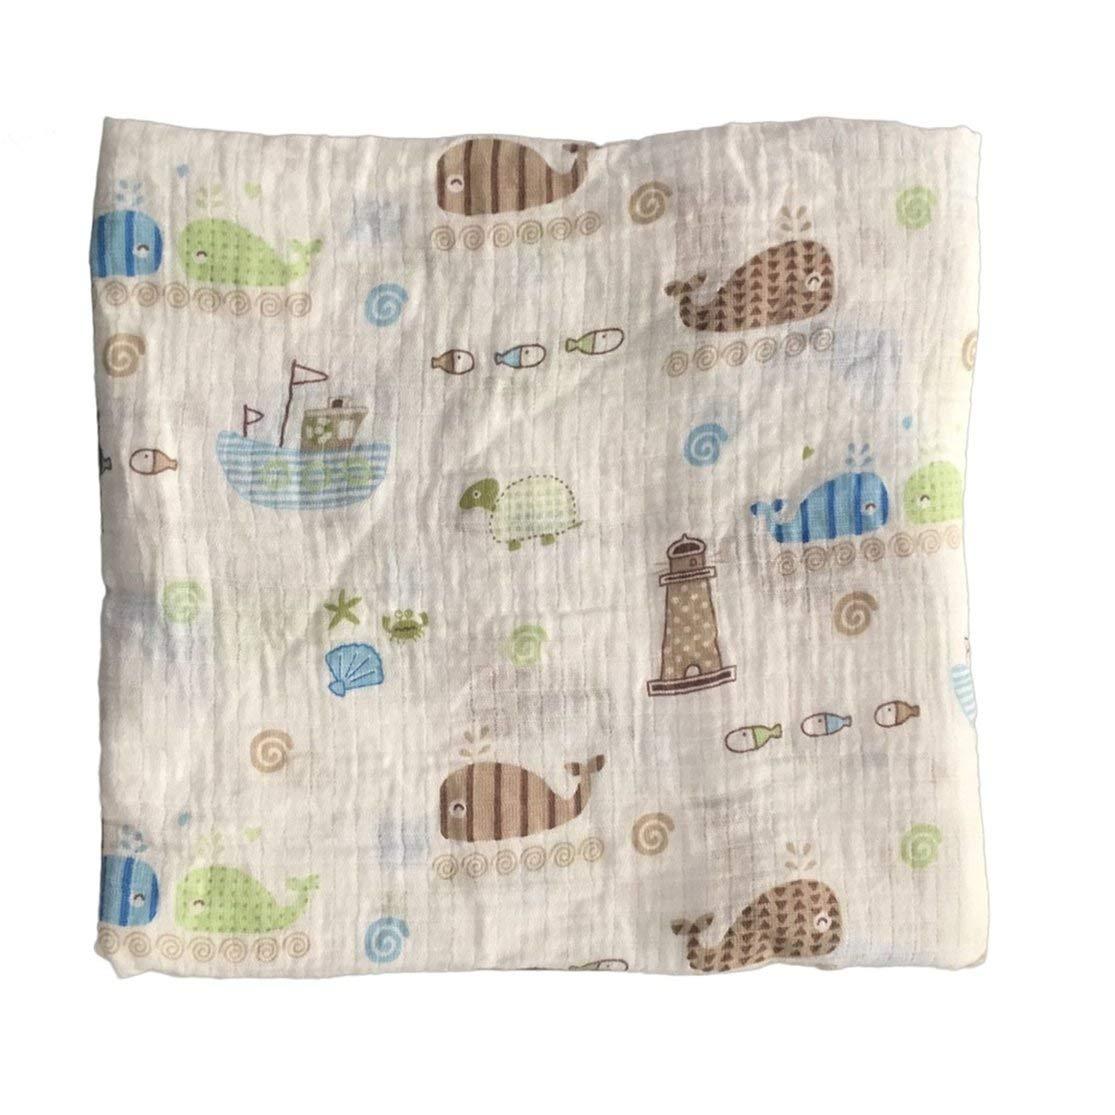 120x120cm Muselina manta envoltura para beb/és envoltura para beb/és Algod/ón 100/% Reci/én nacido Toalla de ba/ño para beb/és Mantas para mantas Dise/ños m/últiples Funciones